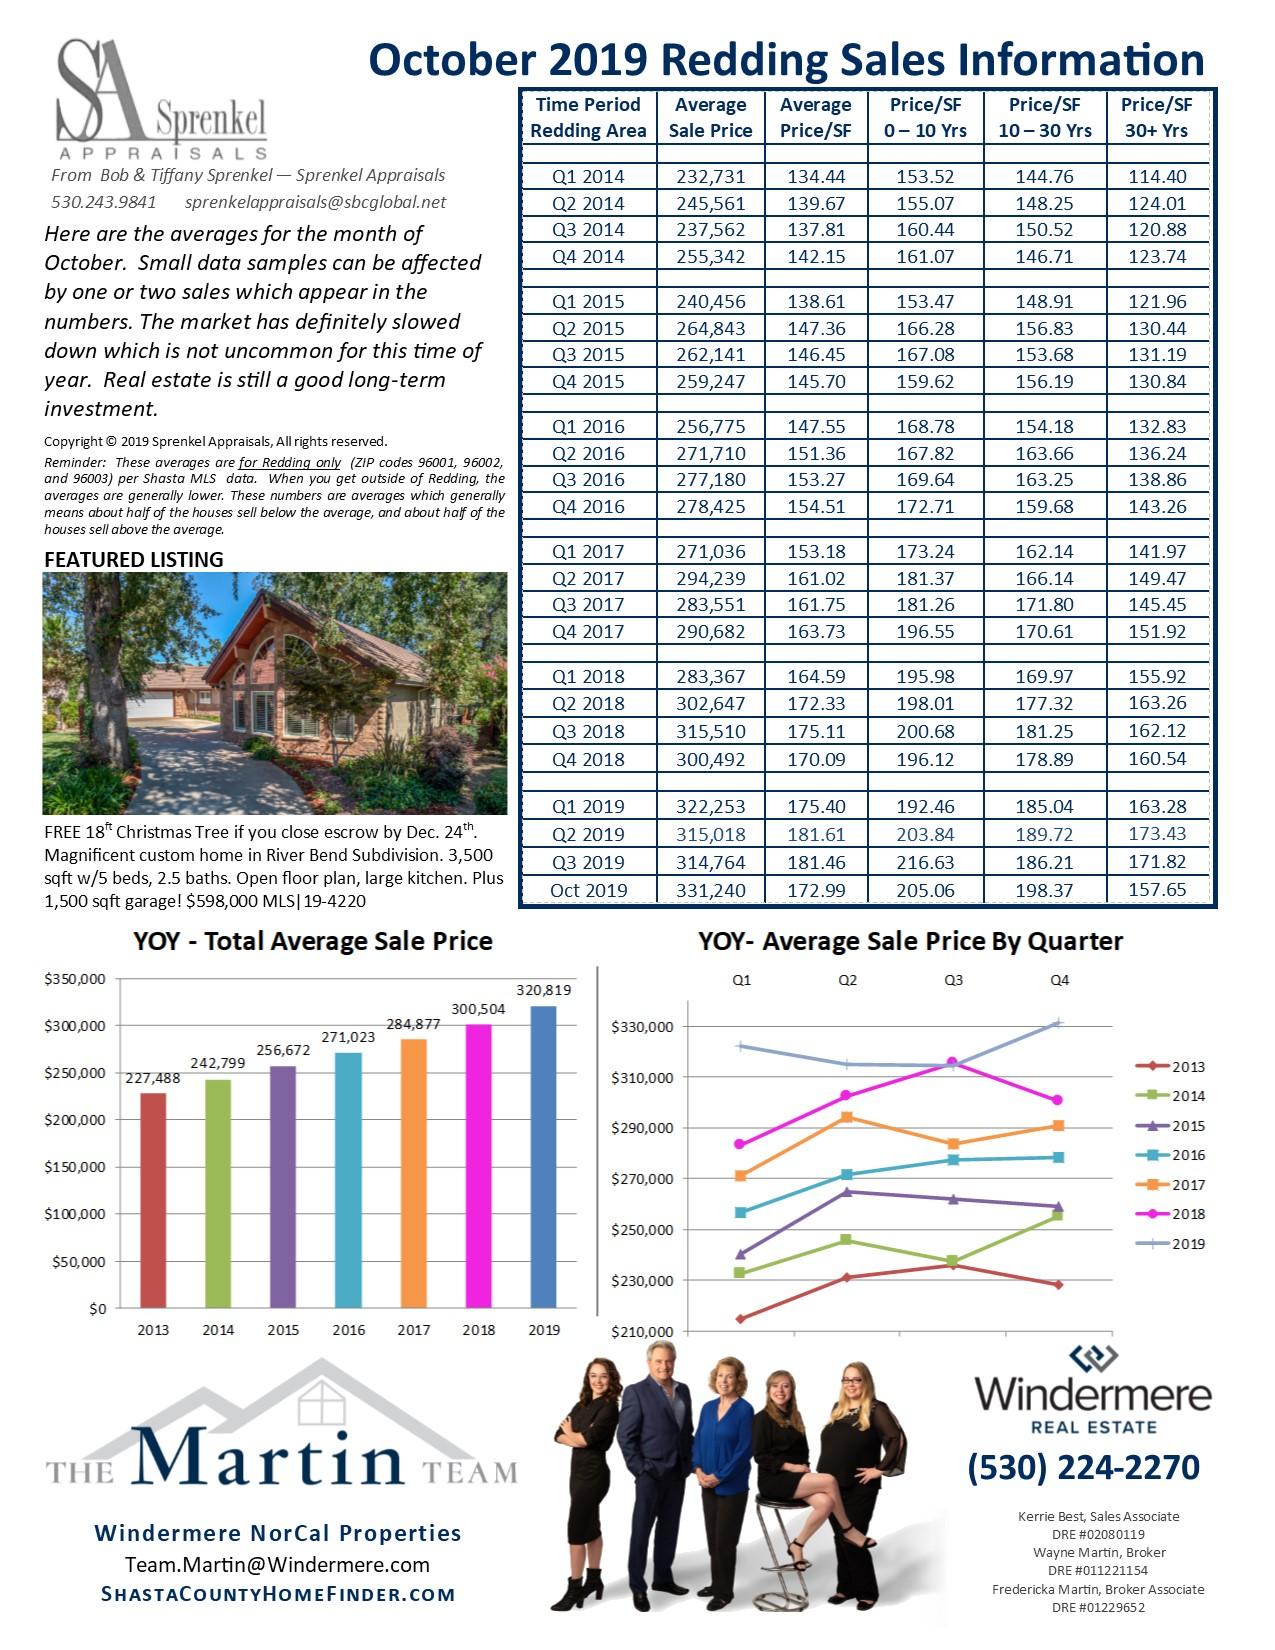 Sprenkel Appraisals Report for Oct 2019